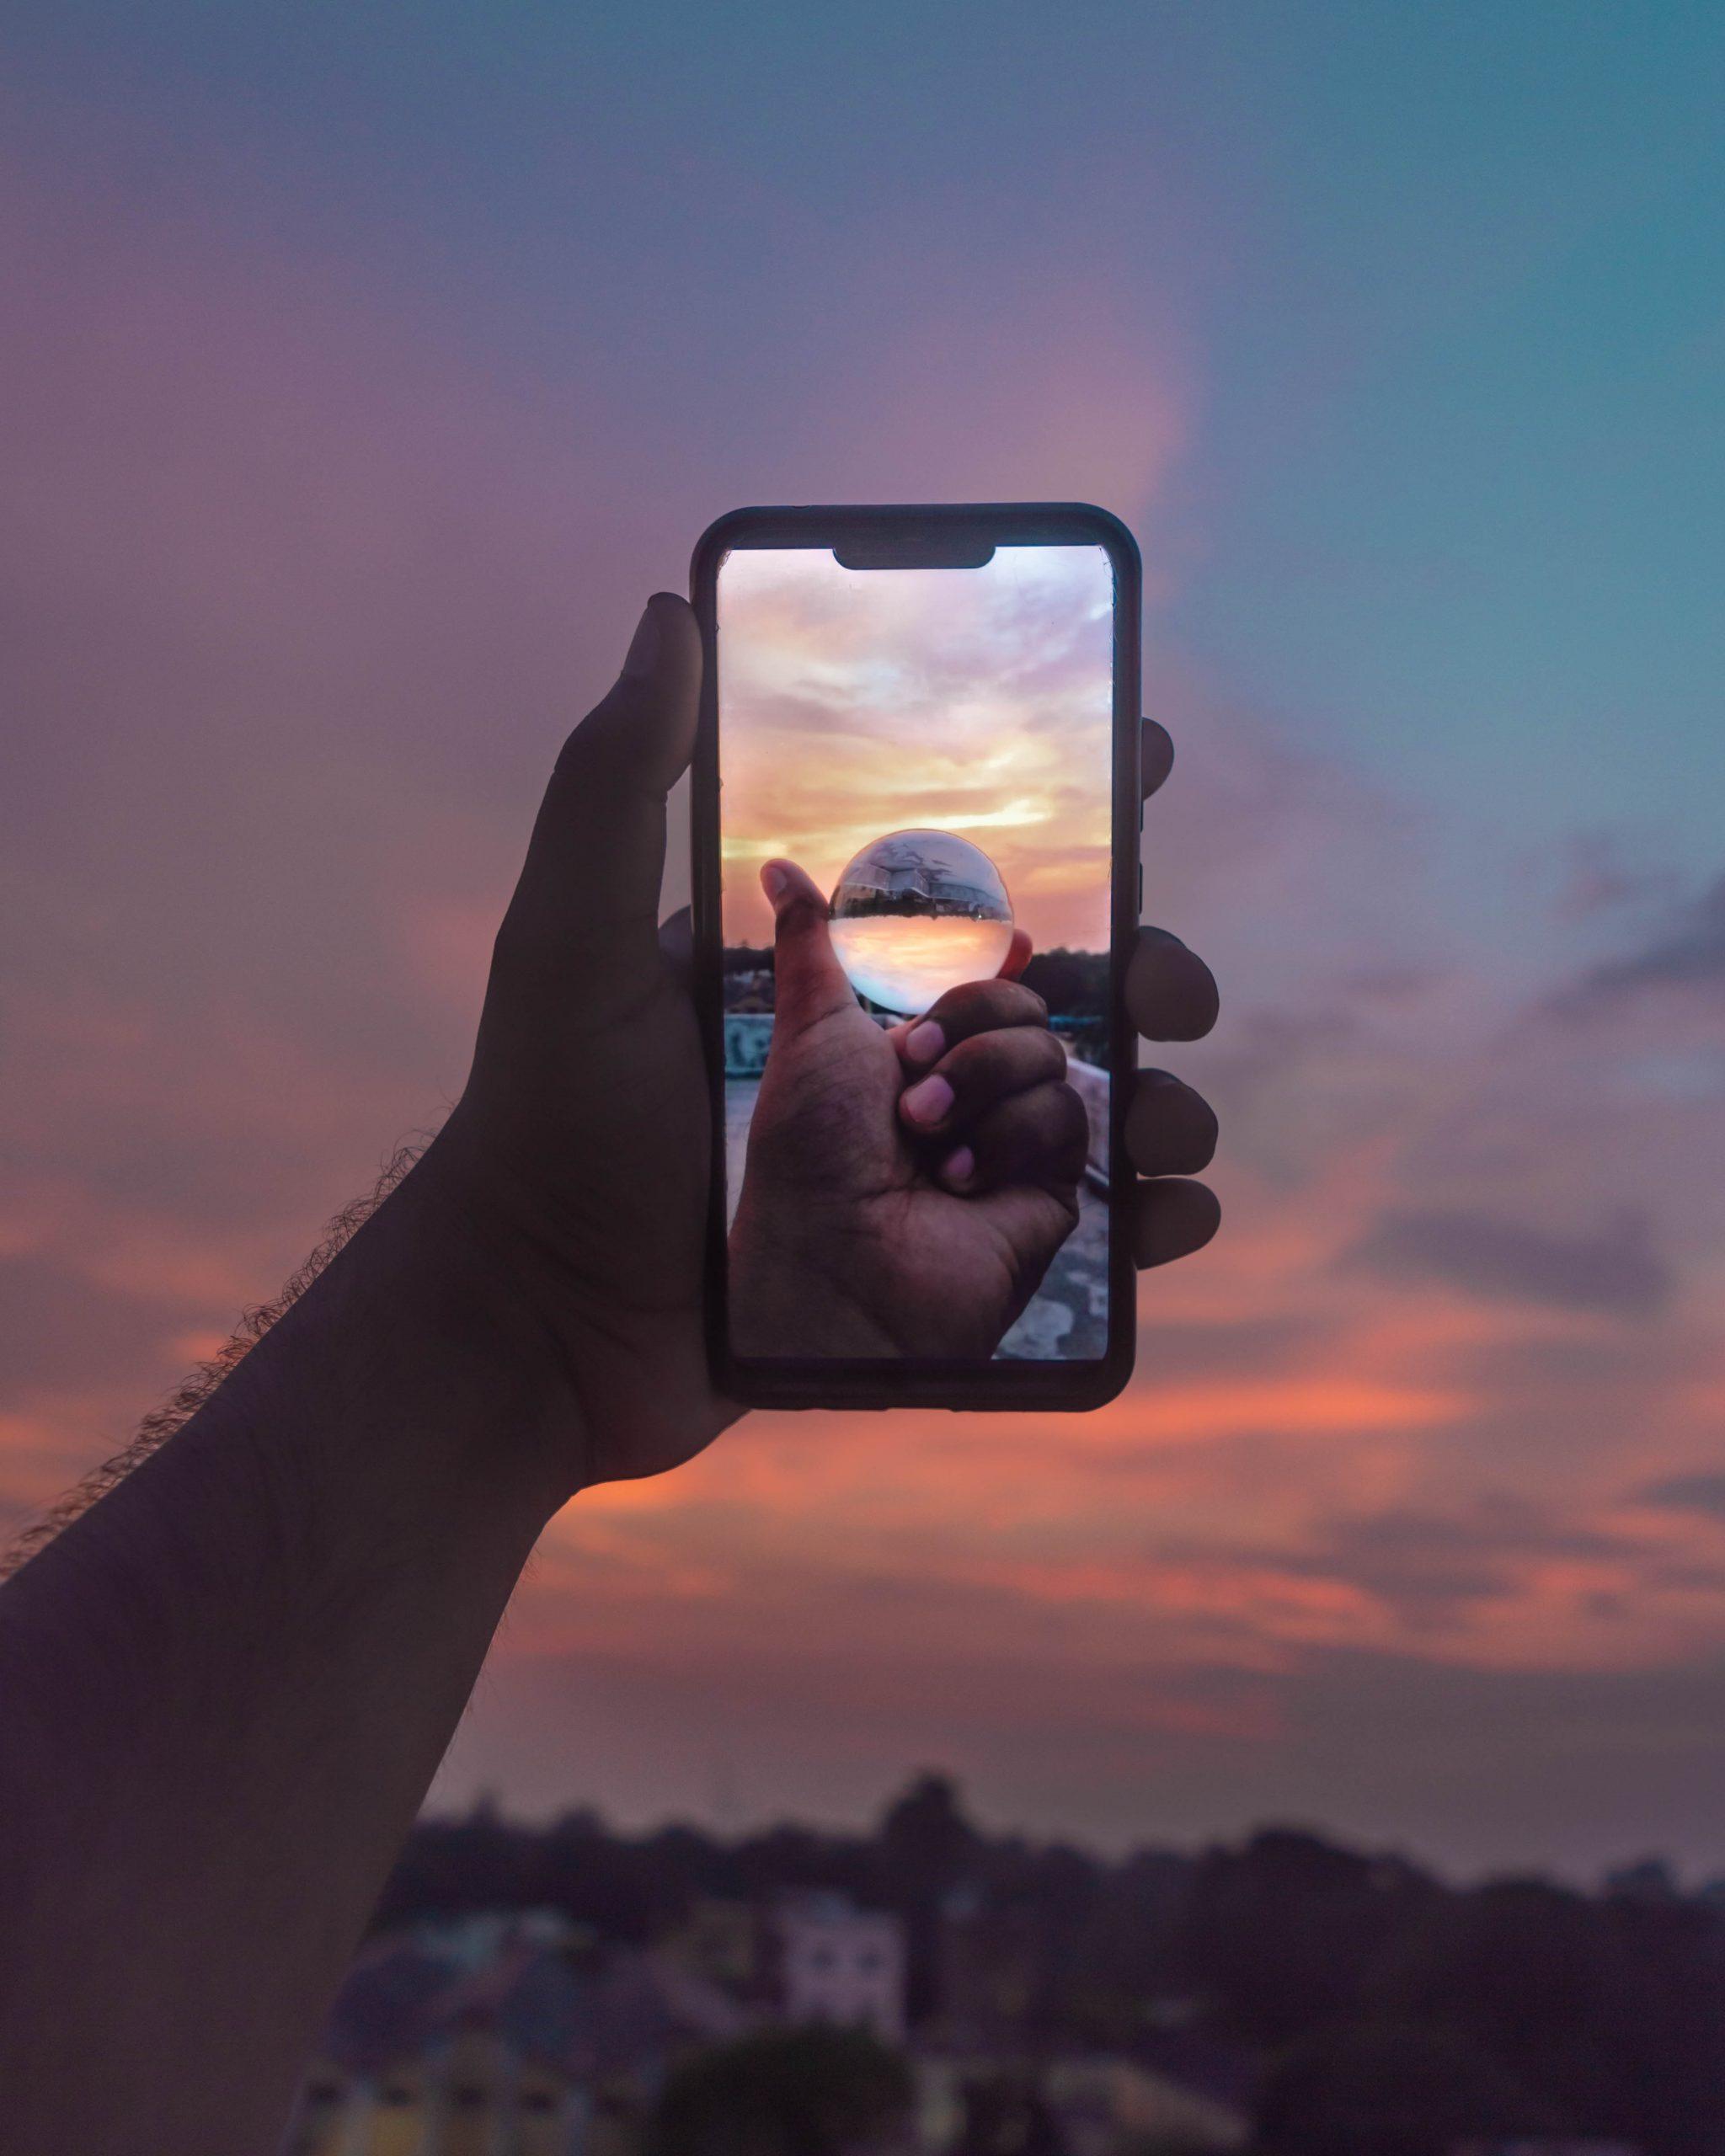 Lens ball through a mobile